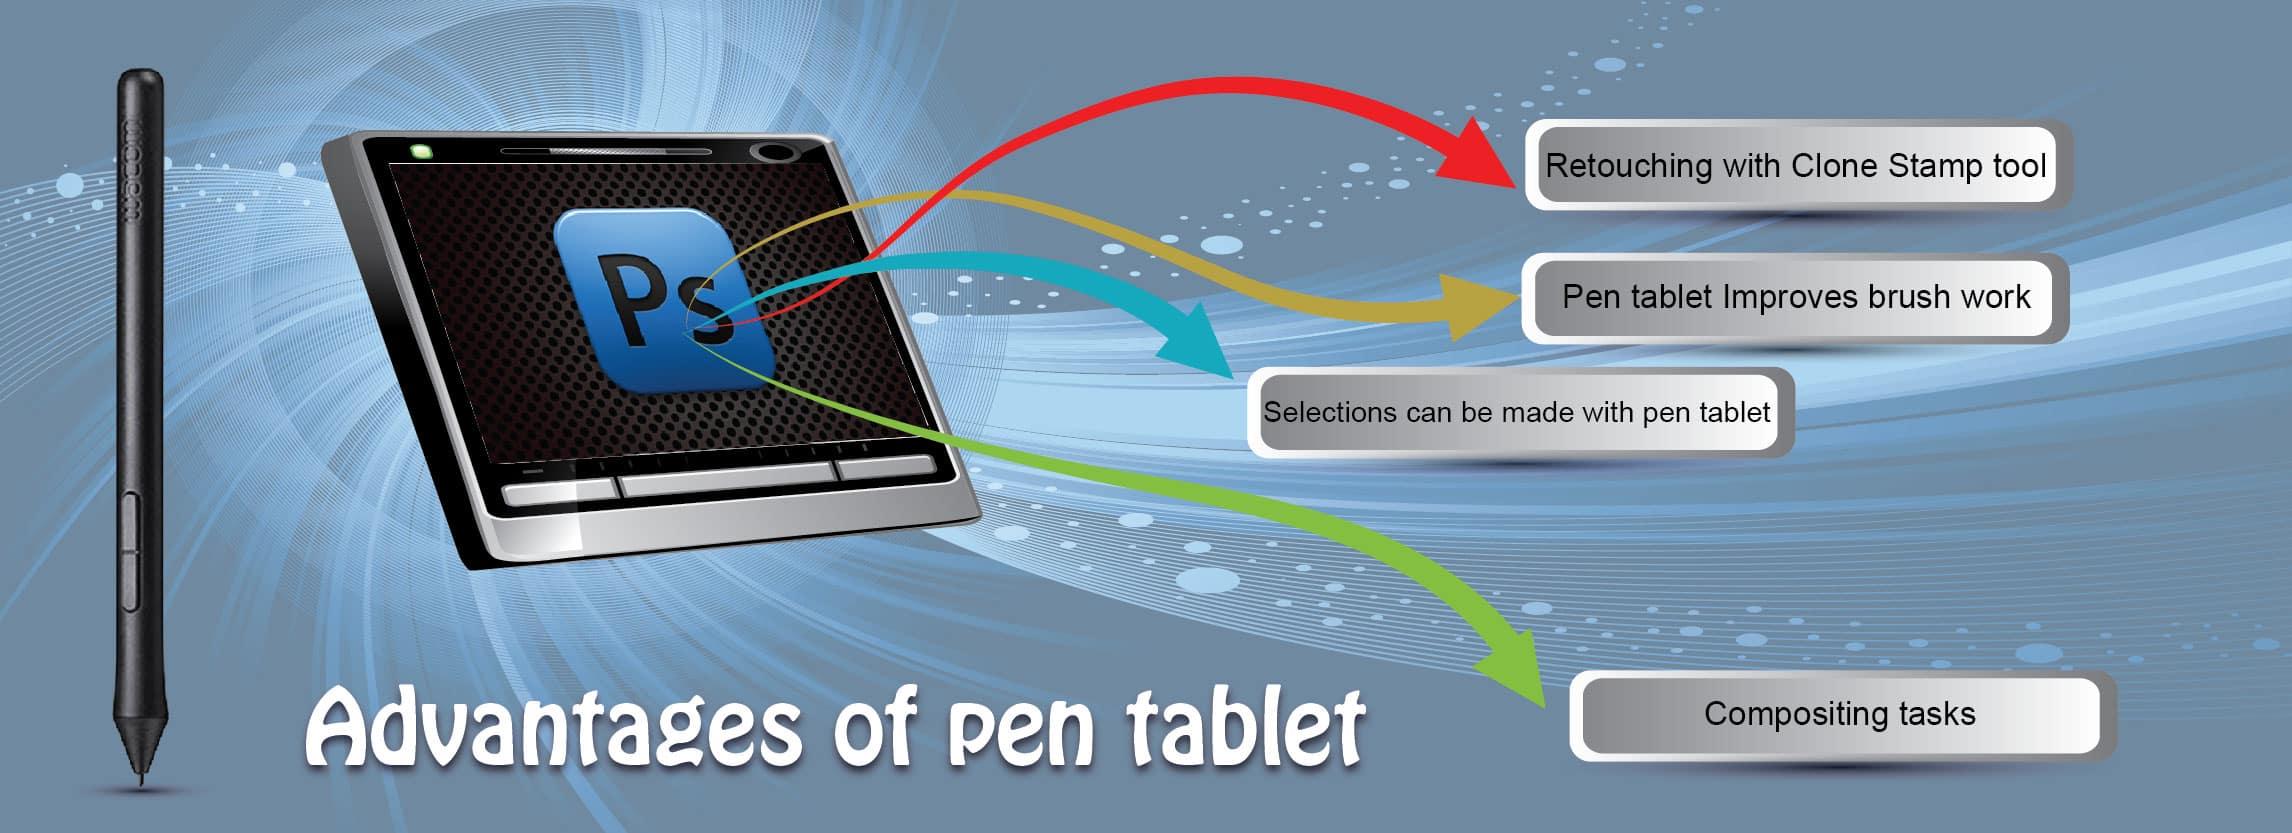 Advantages of pen tablet-01